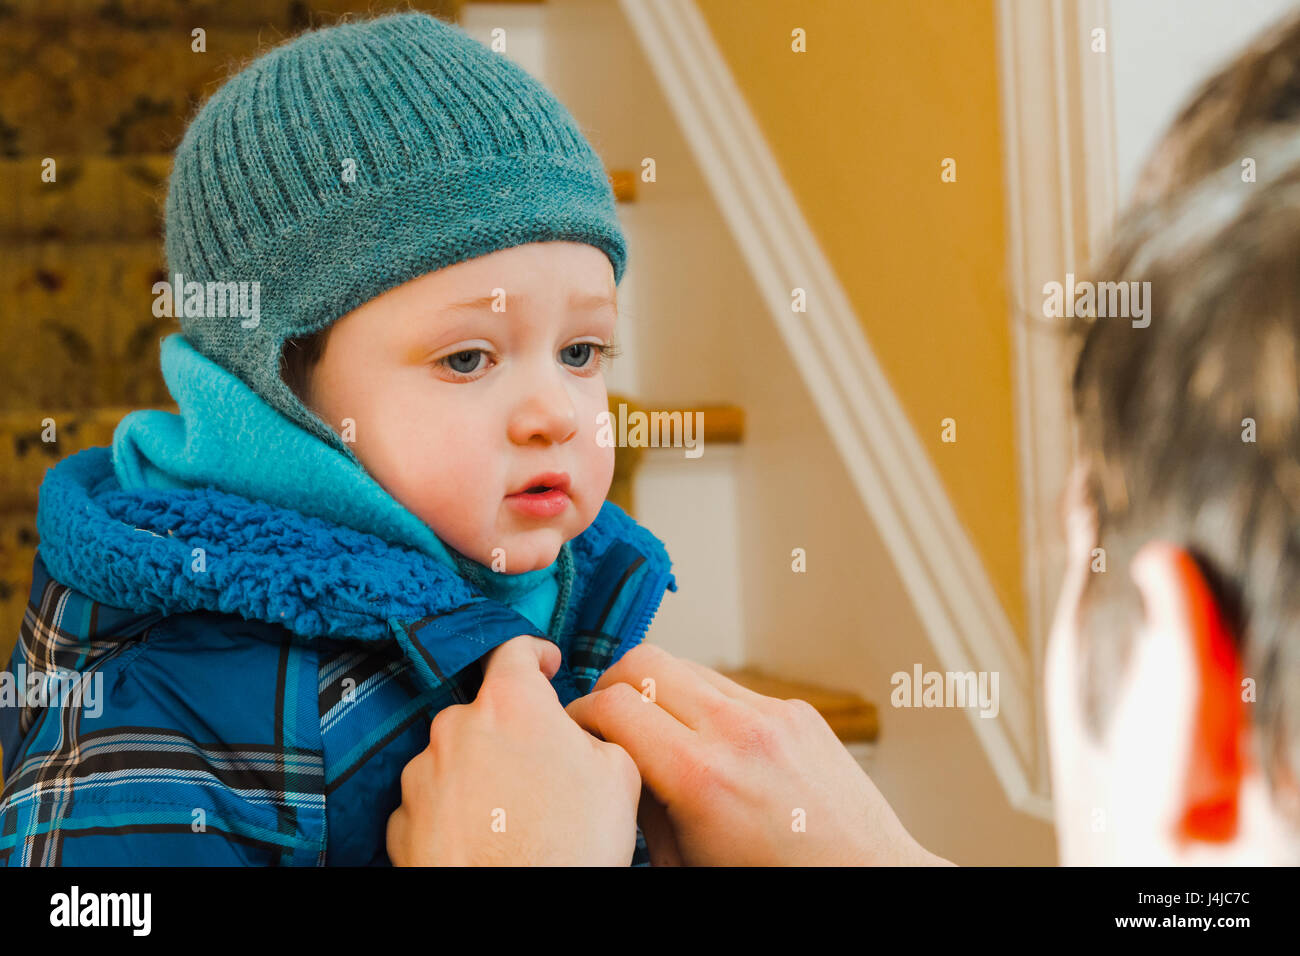 Père zipping up manteau d'hiver pour fils Photo Stock